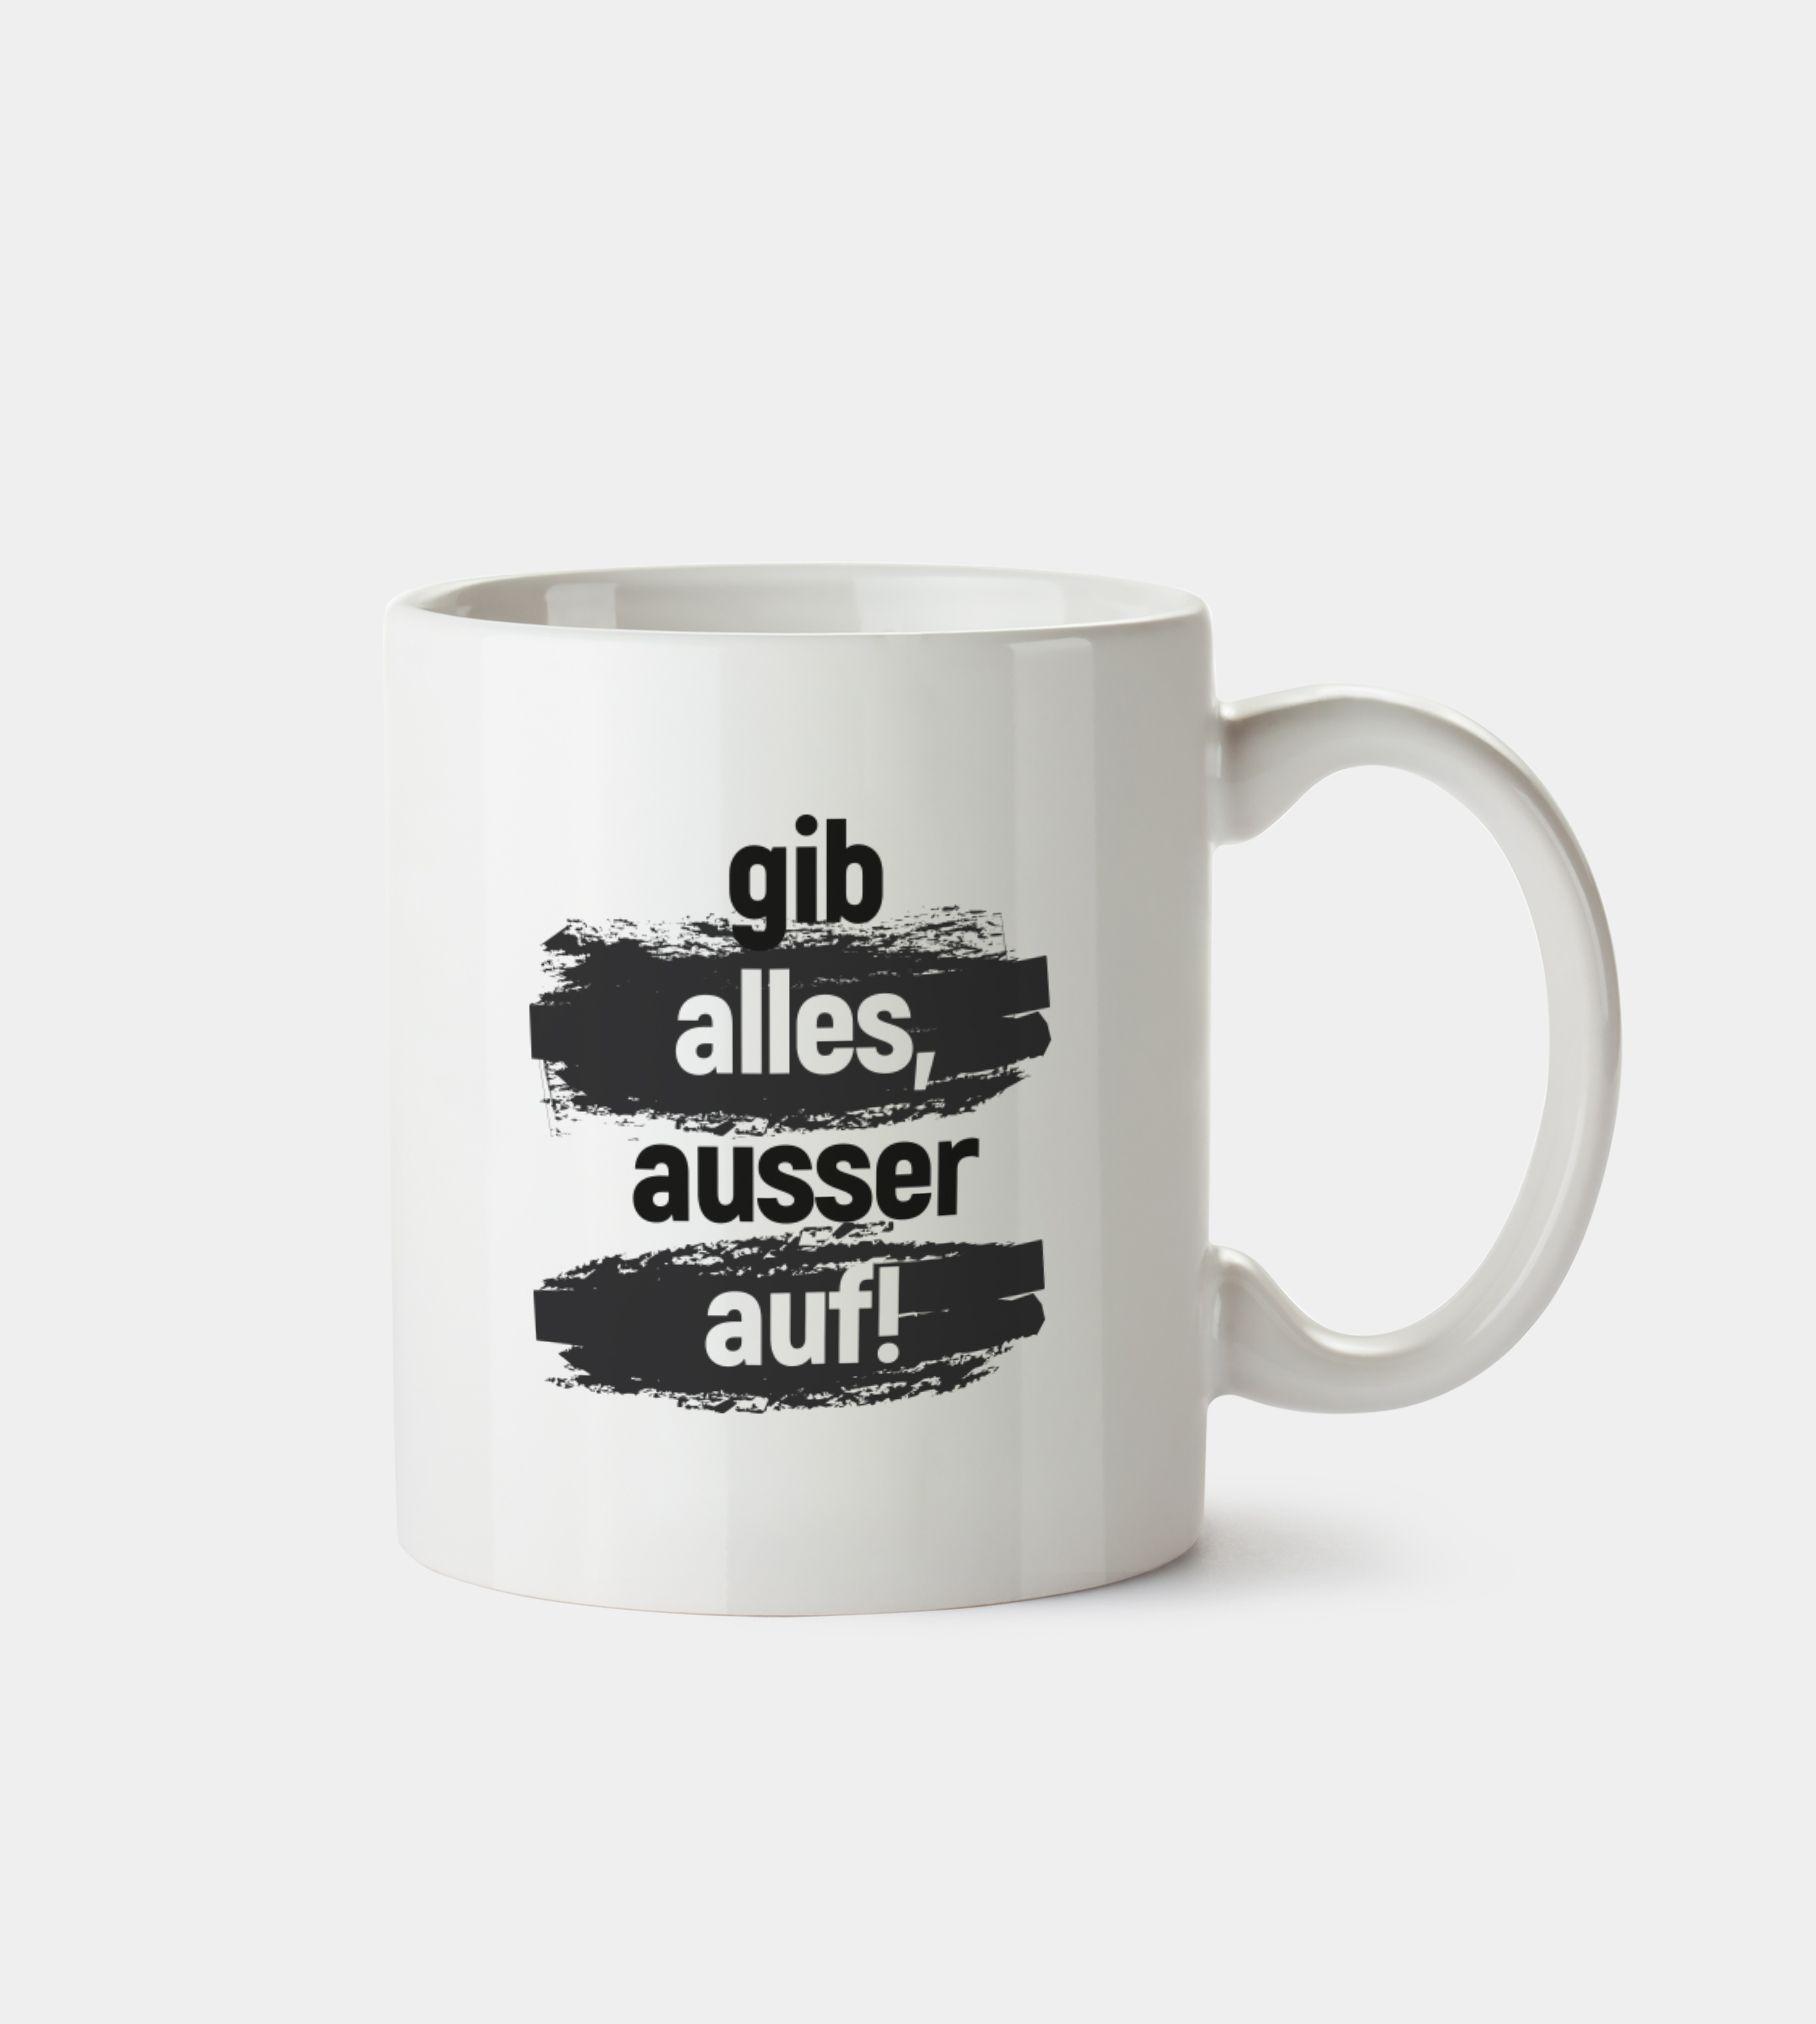 Tassen Design tassen design kaffee wohnen cooletasse tassemitspruch